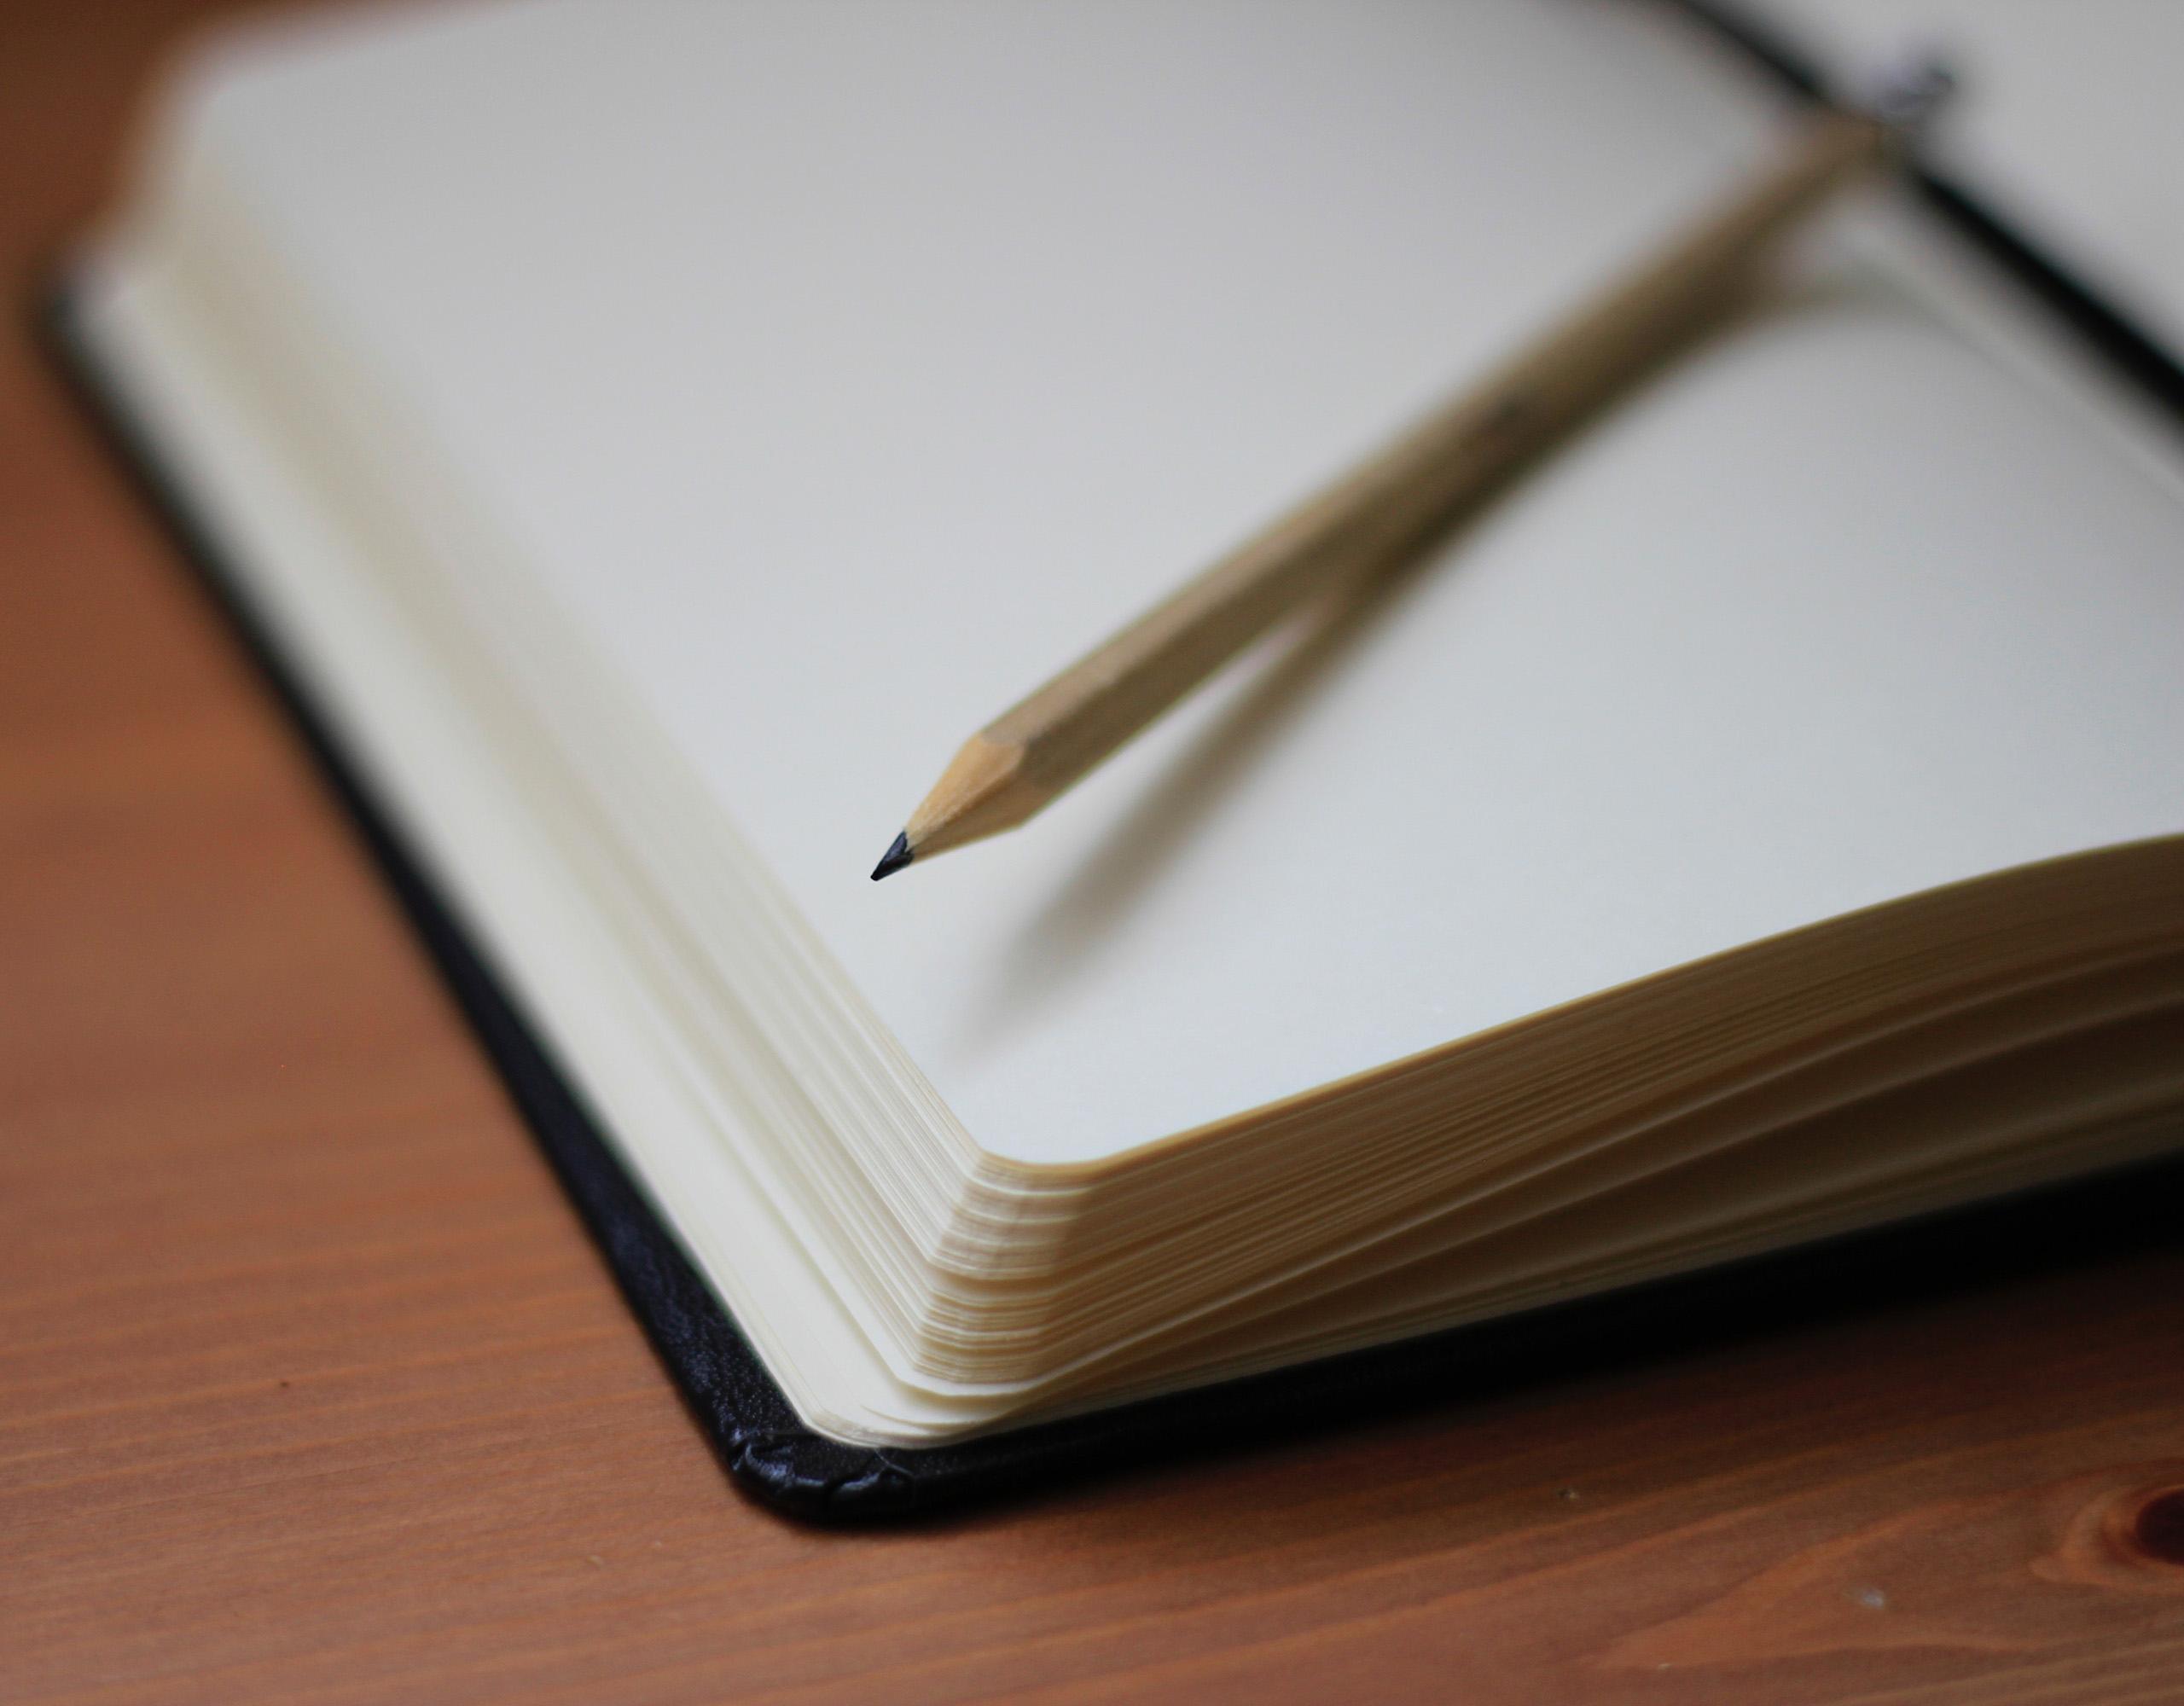 Met deze tips schrijf je een persoonlijk profiel waar je mee opvalt.